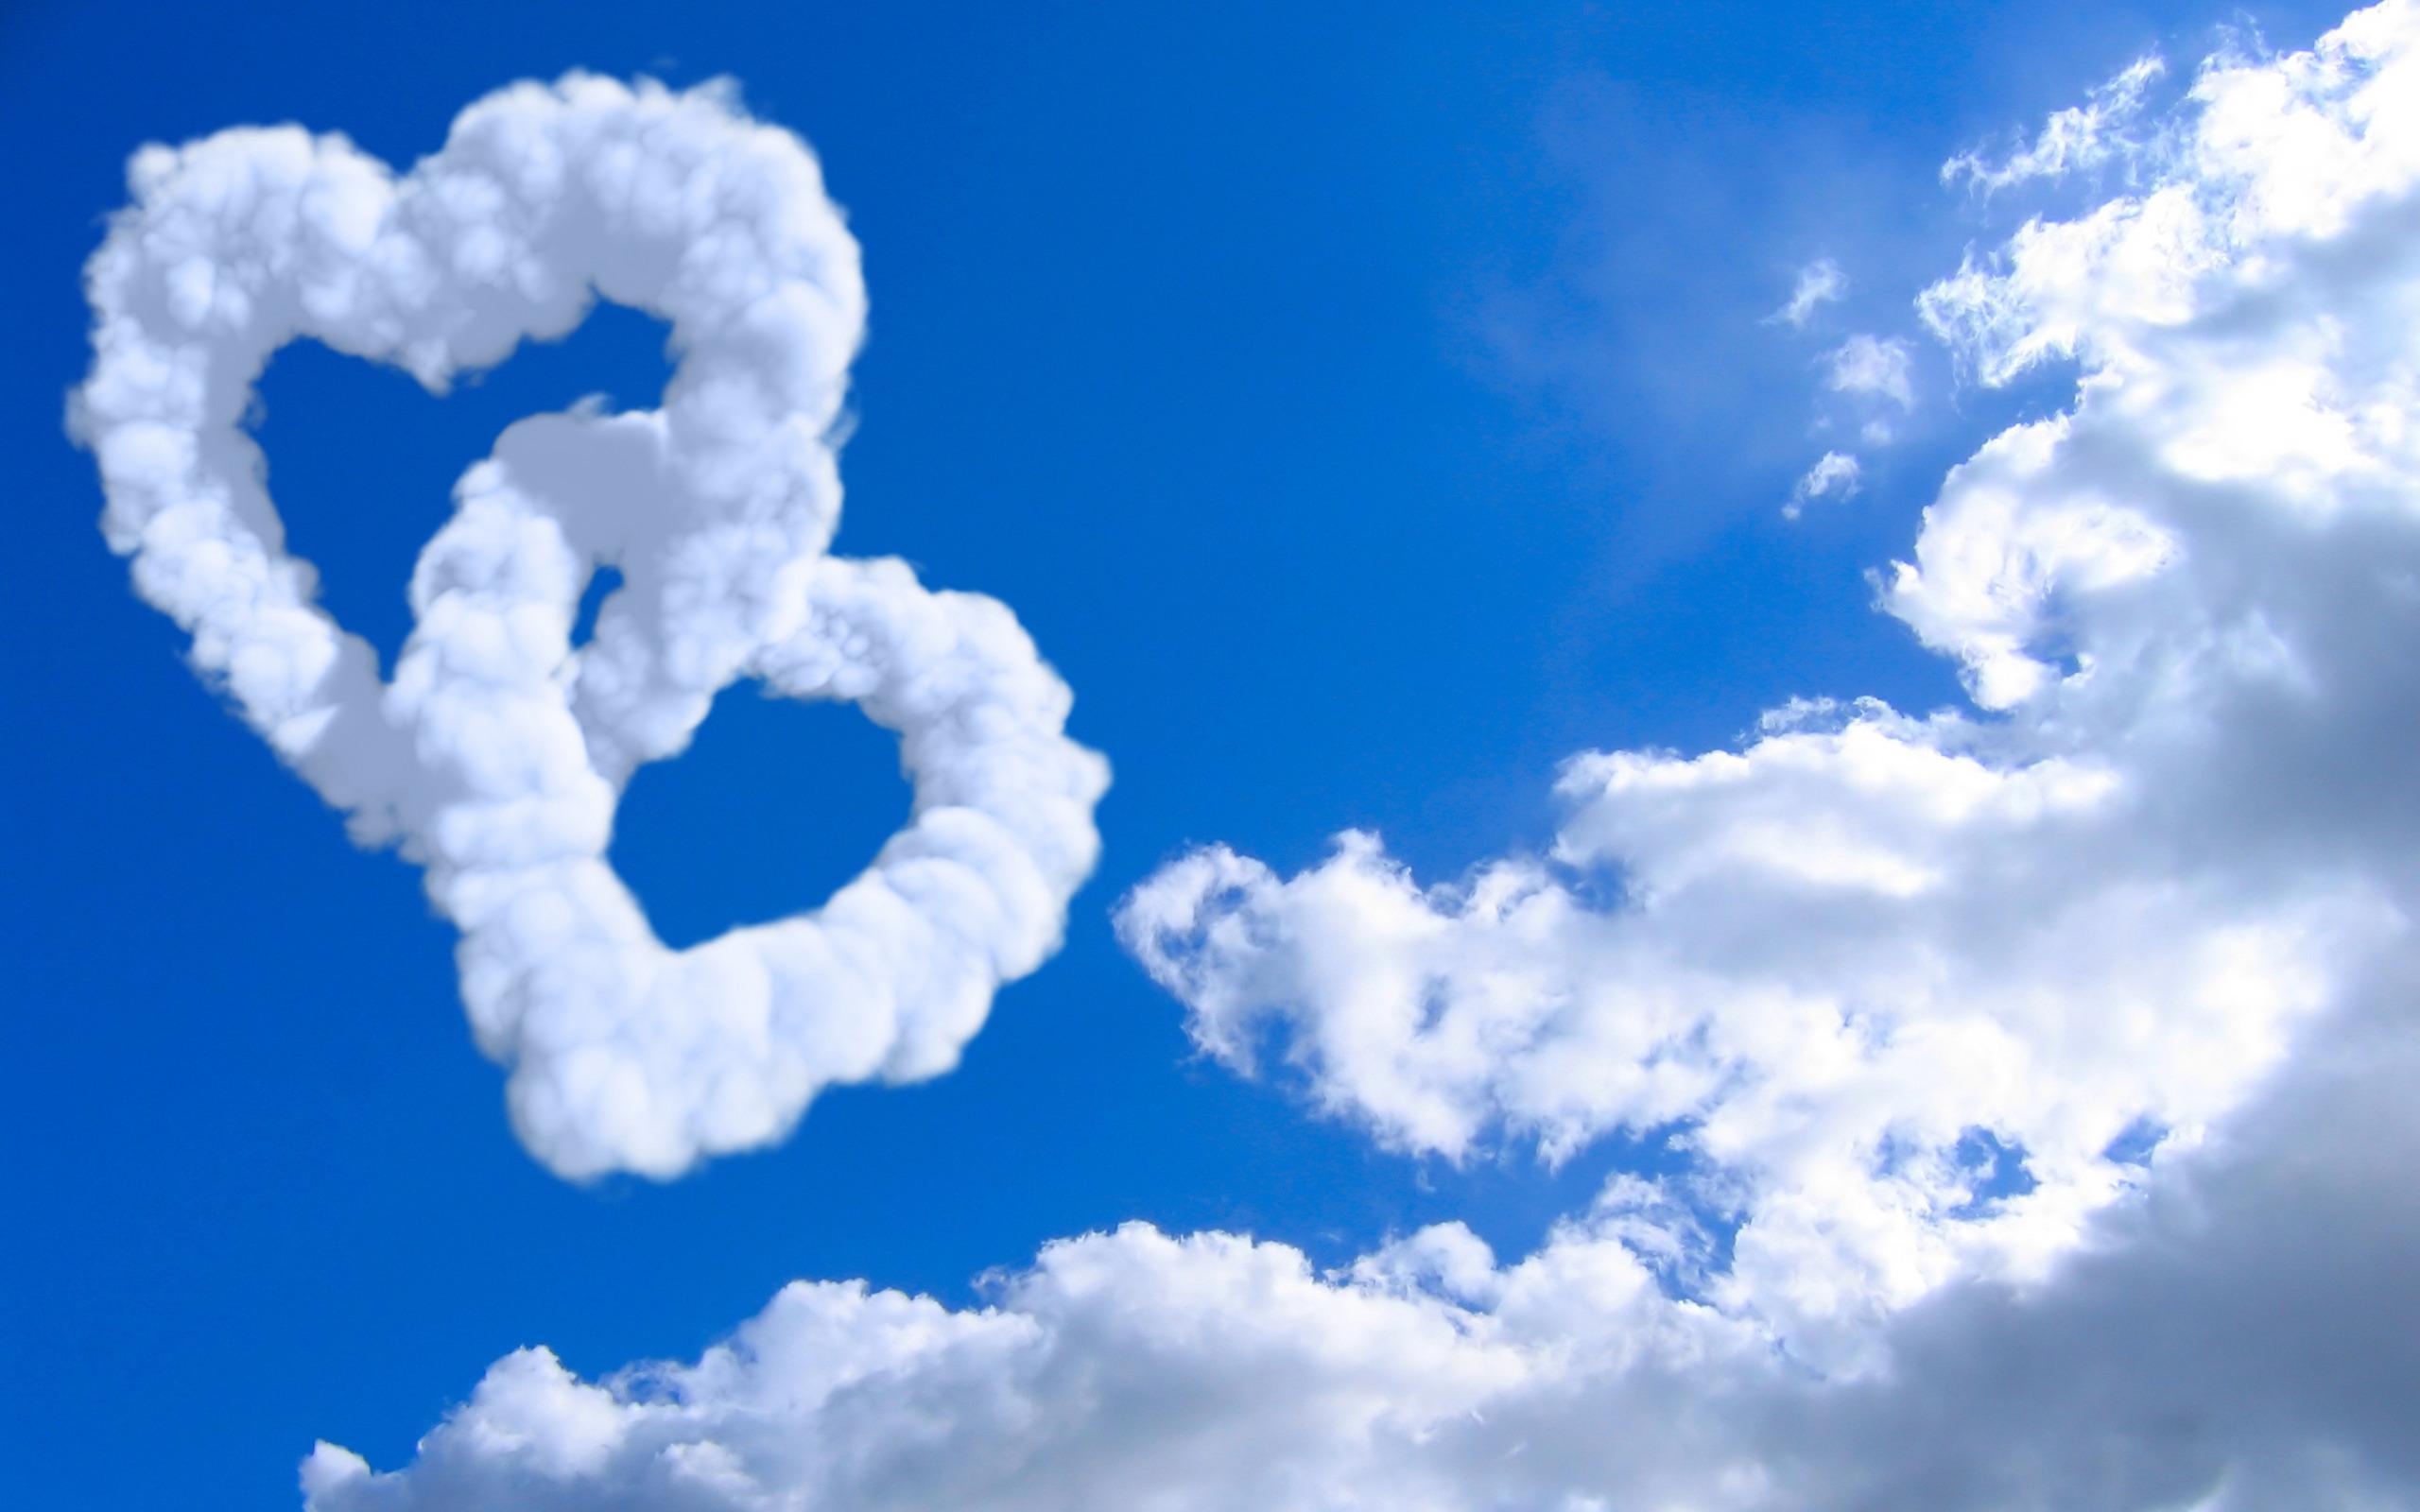 Сердце земли скачать